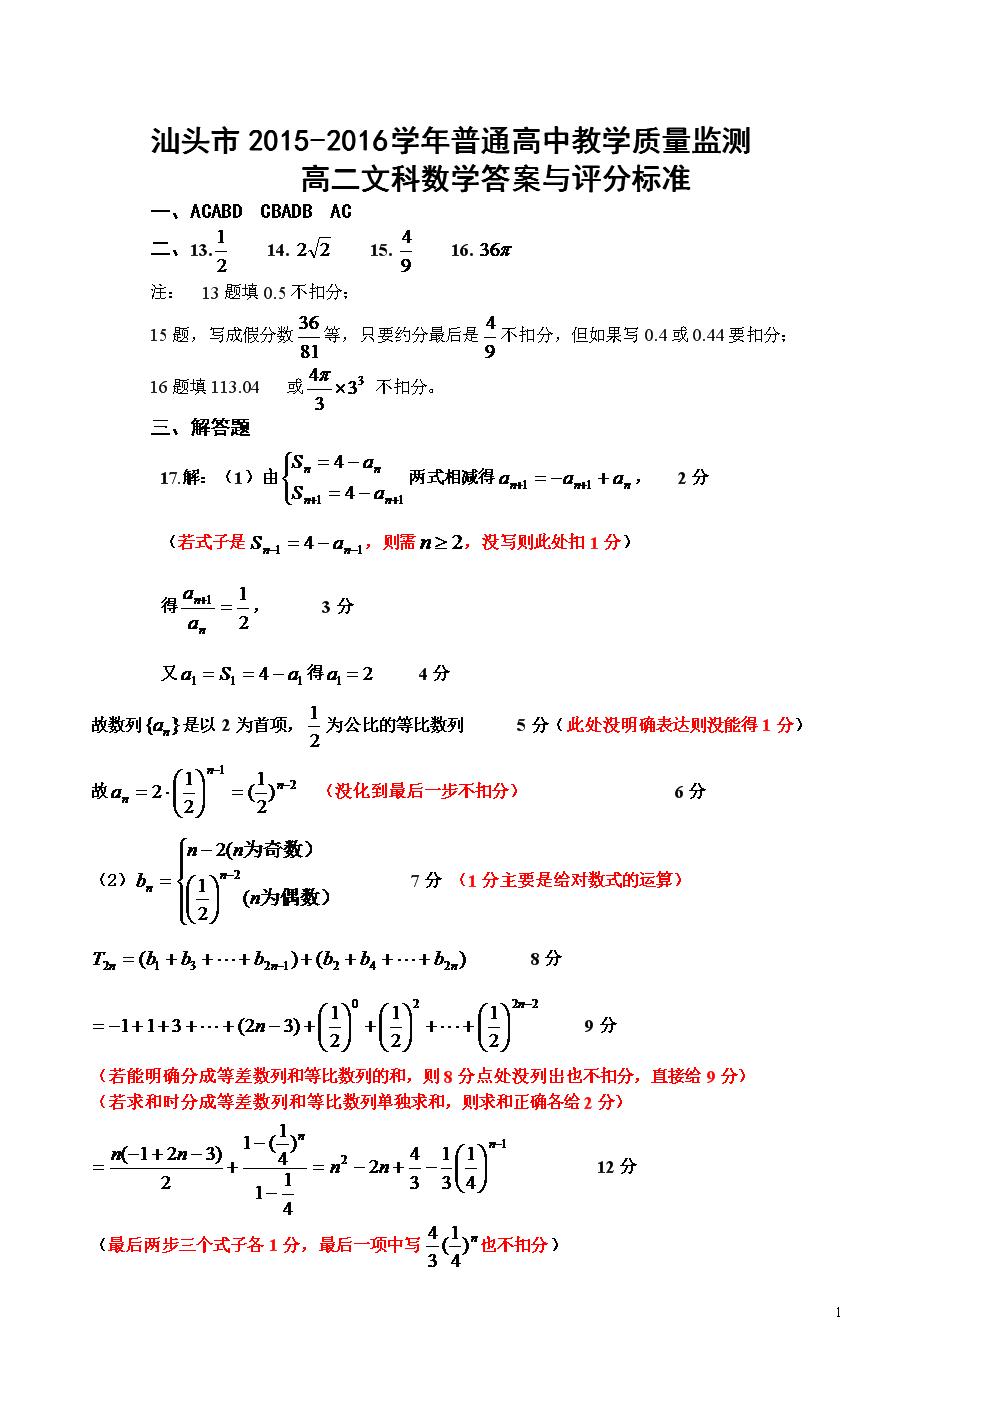 汕头市2015-2016高中知识质量检测化学高中试高二的数学学年图片